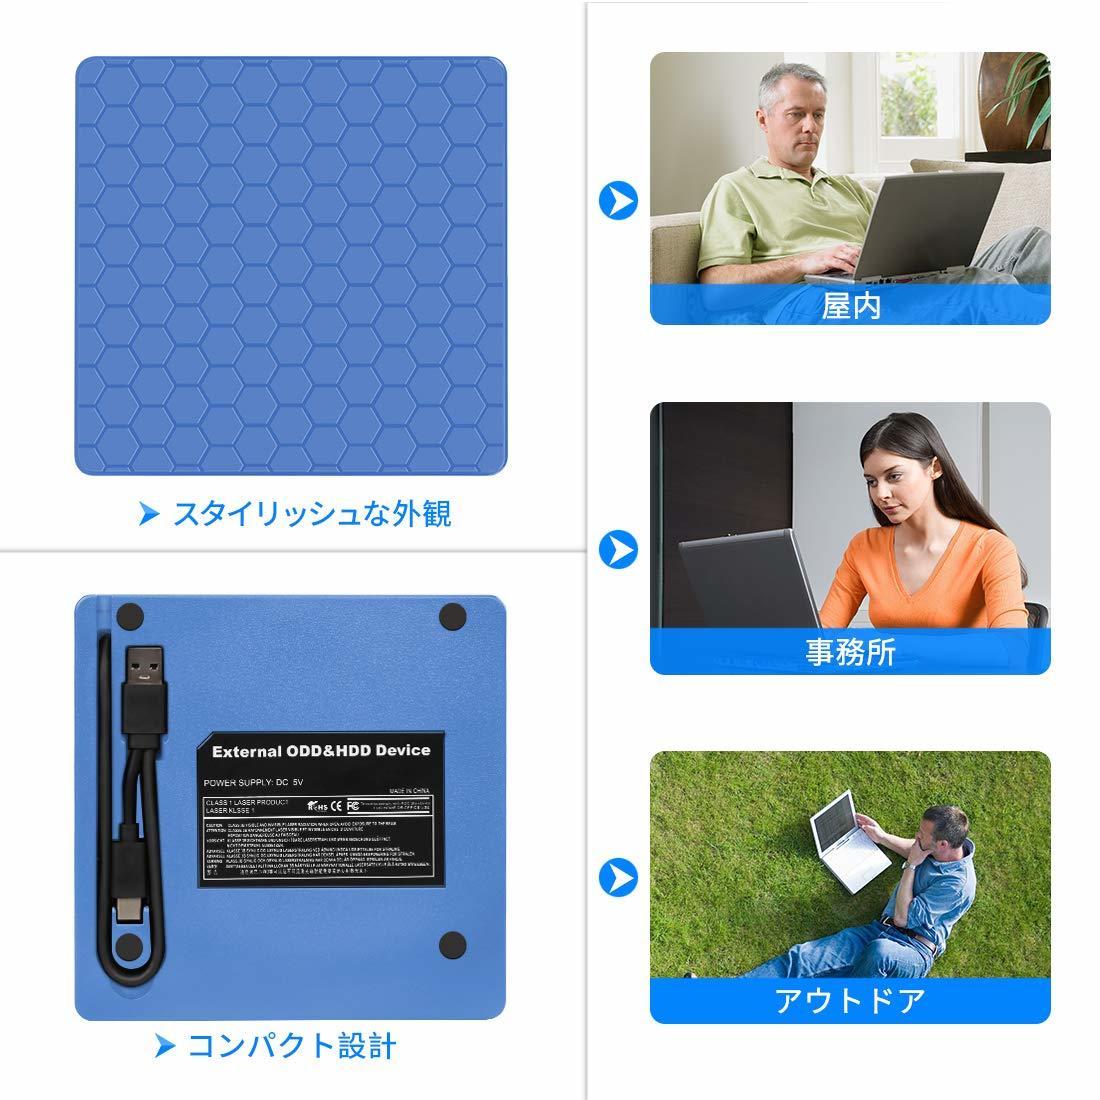 【作業効率化!】21C【2019最新型】USB3.0 外付け DVD ドライブ DVD プレーヤー USB ポータブルドライブ USB3.0 Type-C 薄型 _画像7